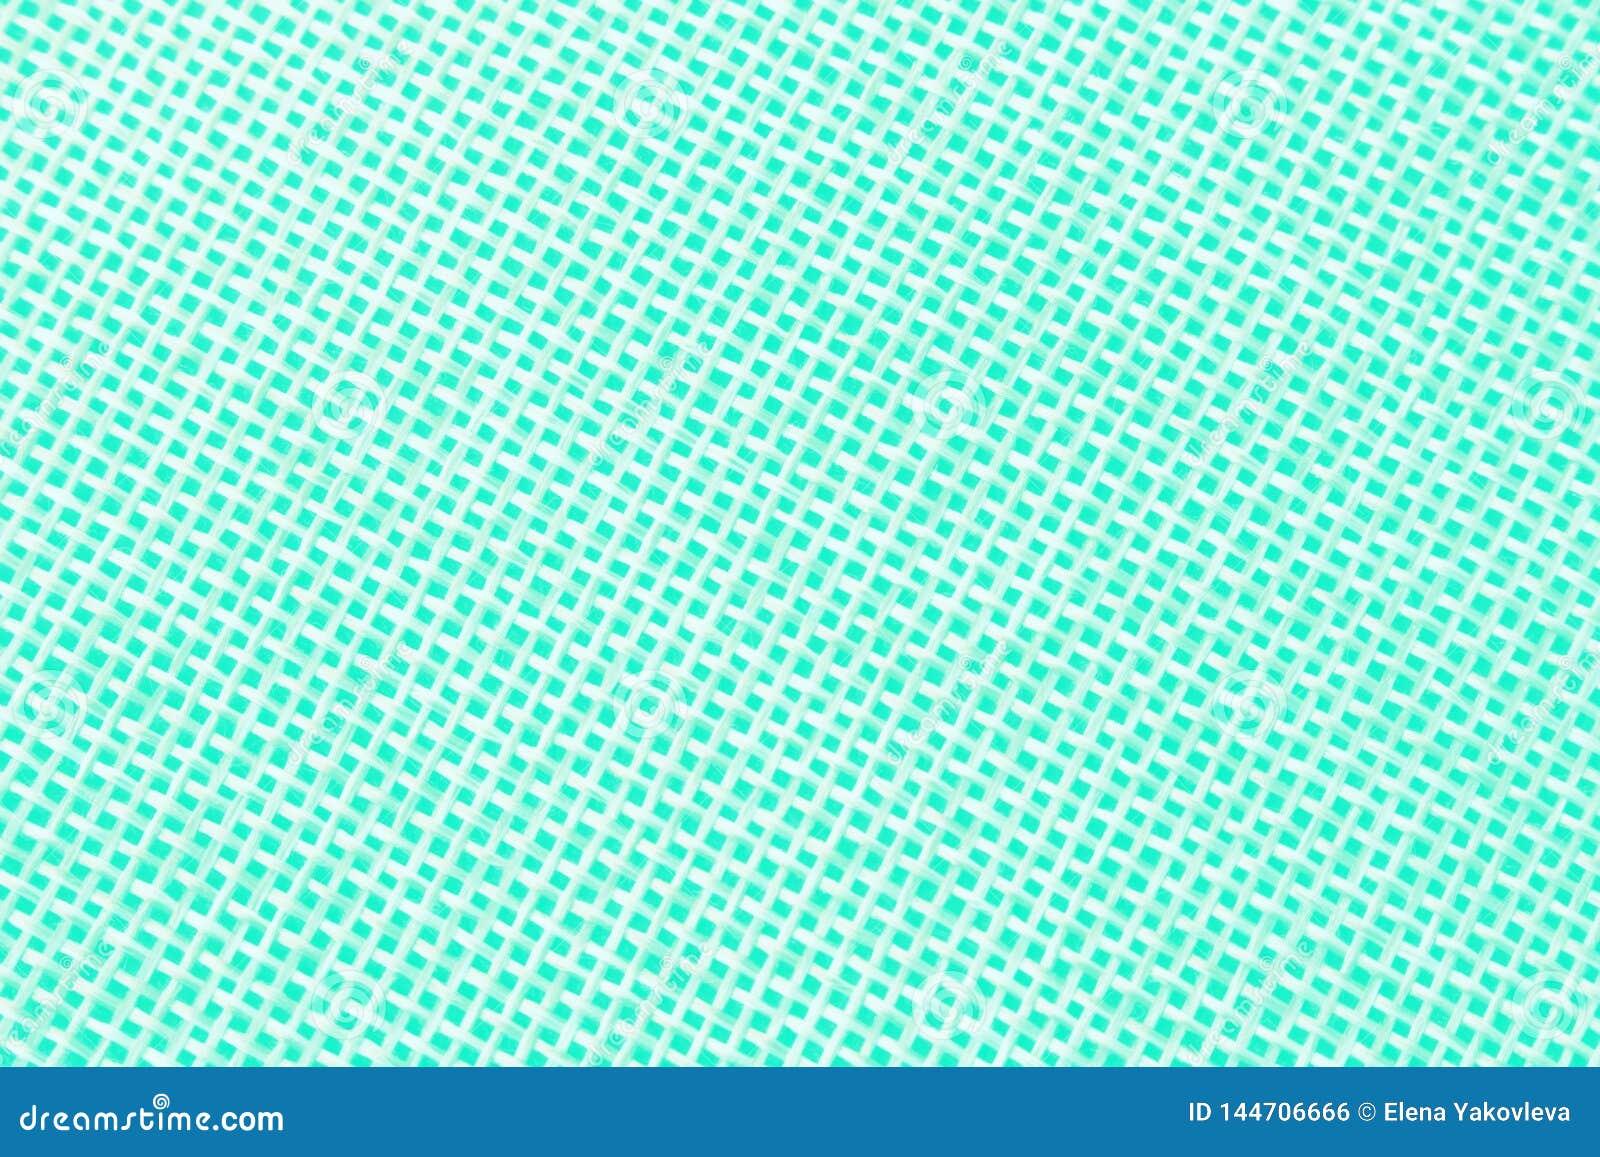 Textura tecida na turquesa clara